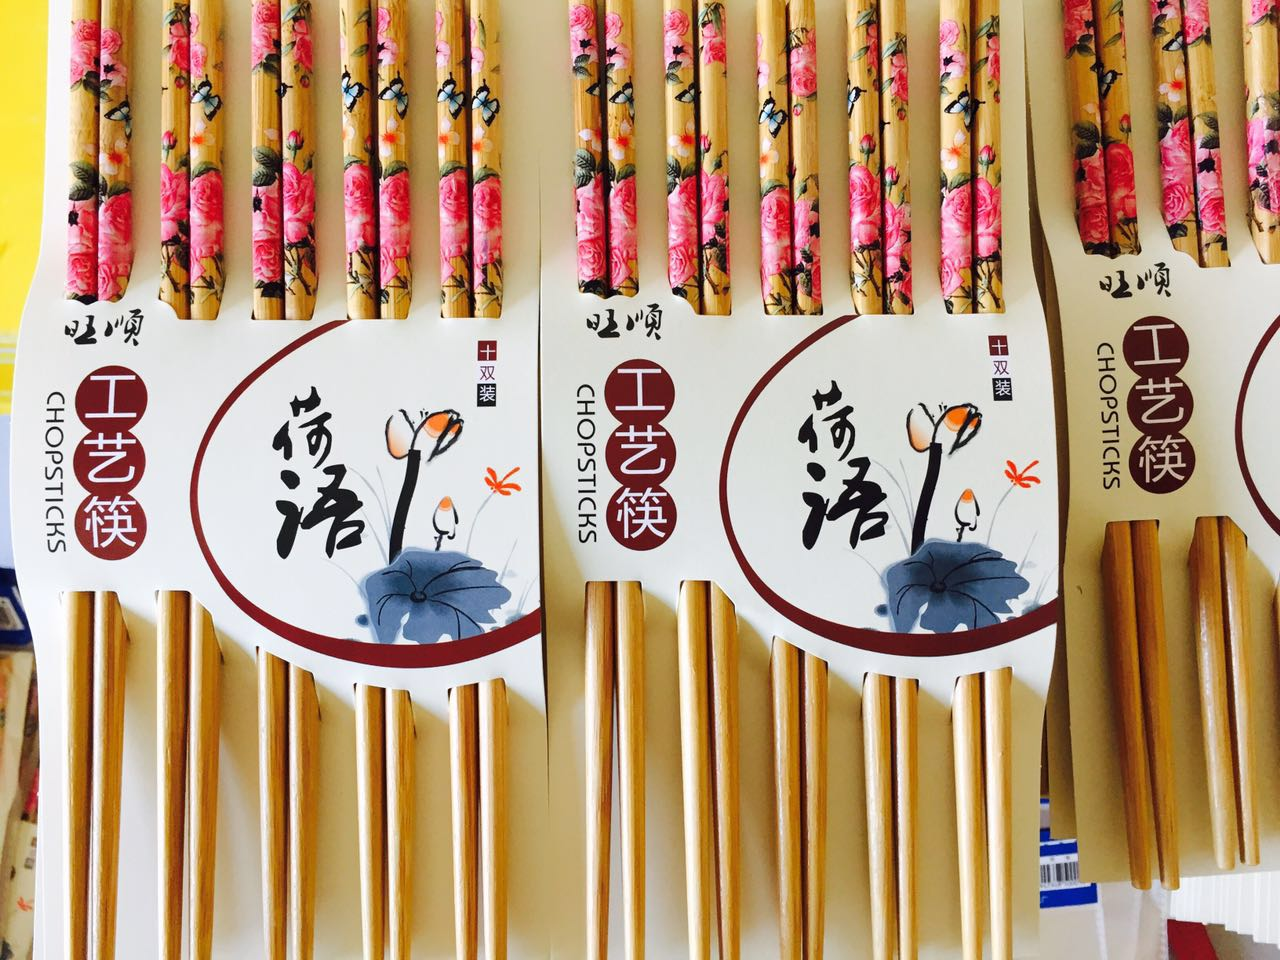 印花礼品筷子销售